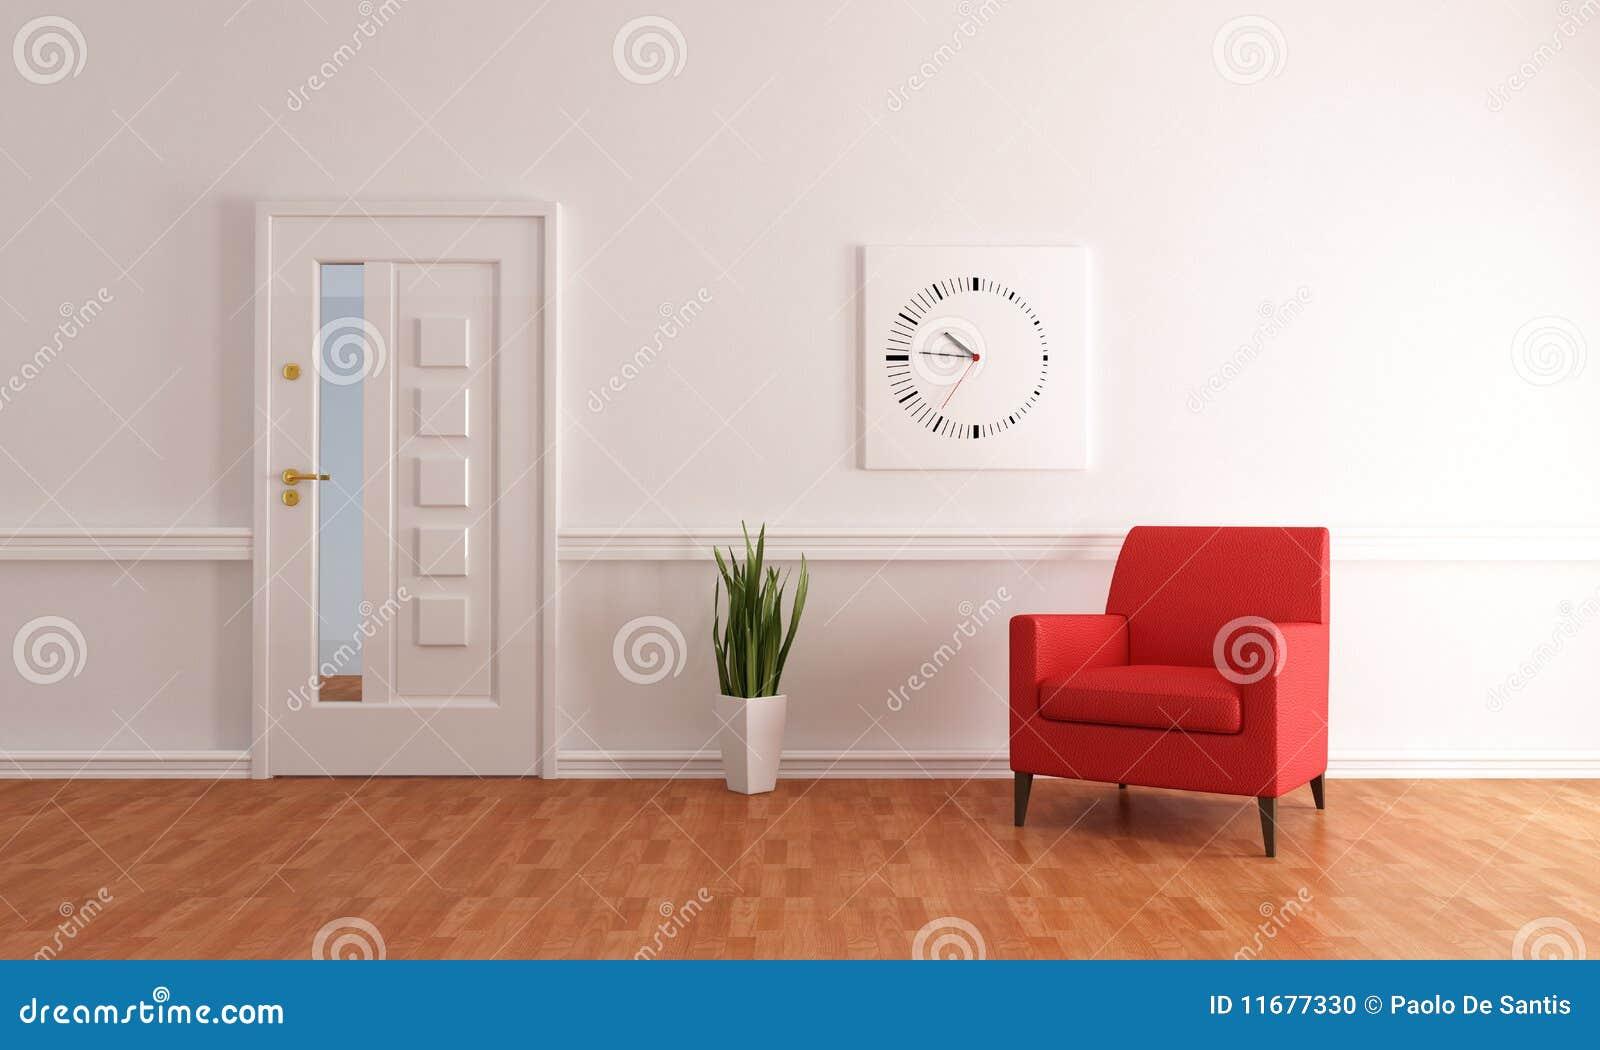 Foyer Minimalist Er : Minimalist home entry foyer stock photo image